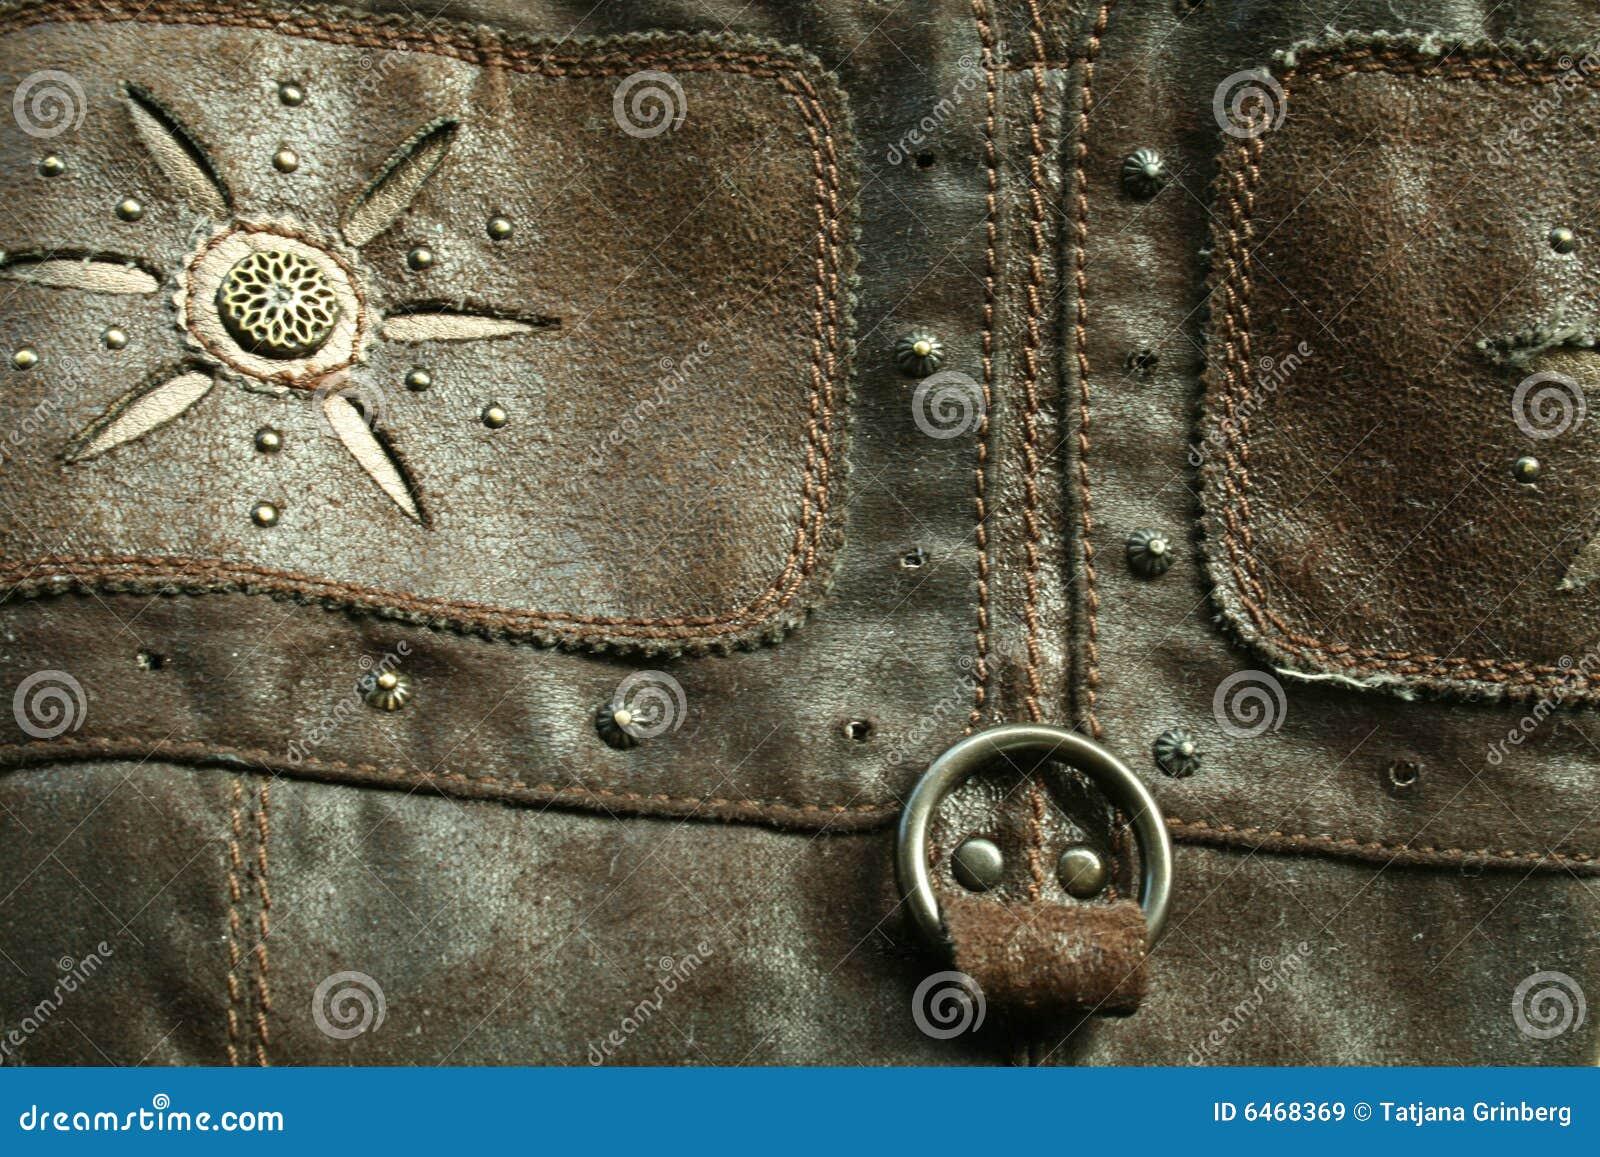 Metalowe nity starszych skórzane